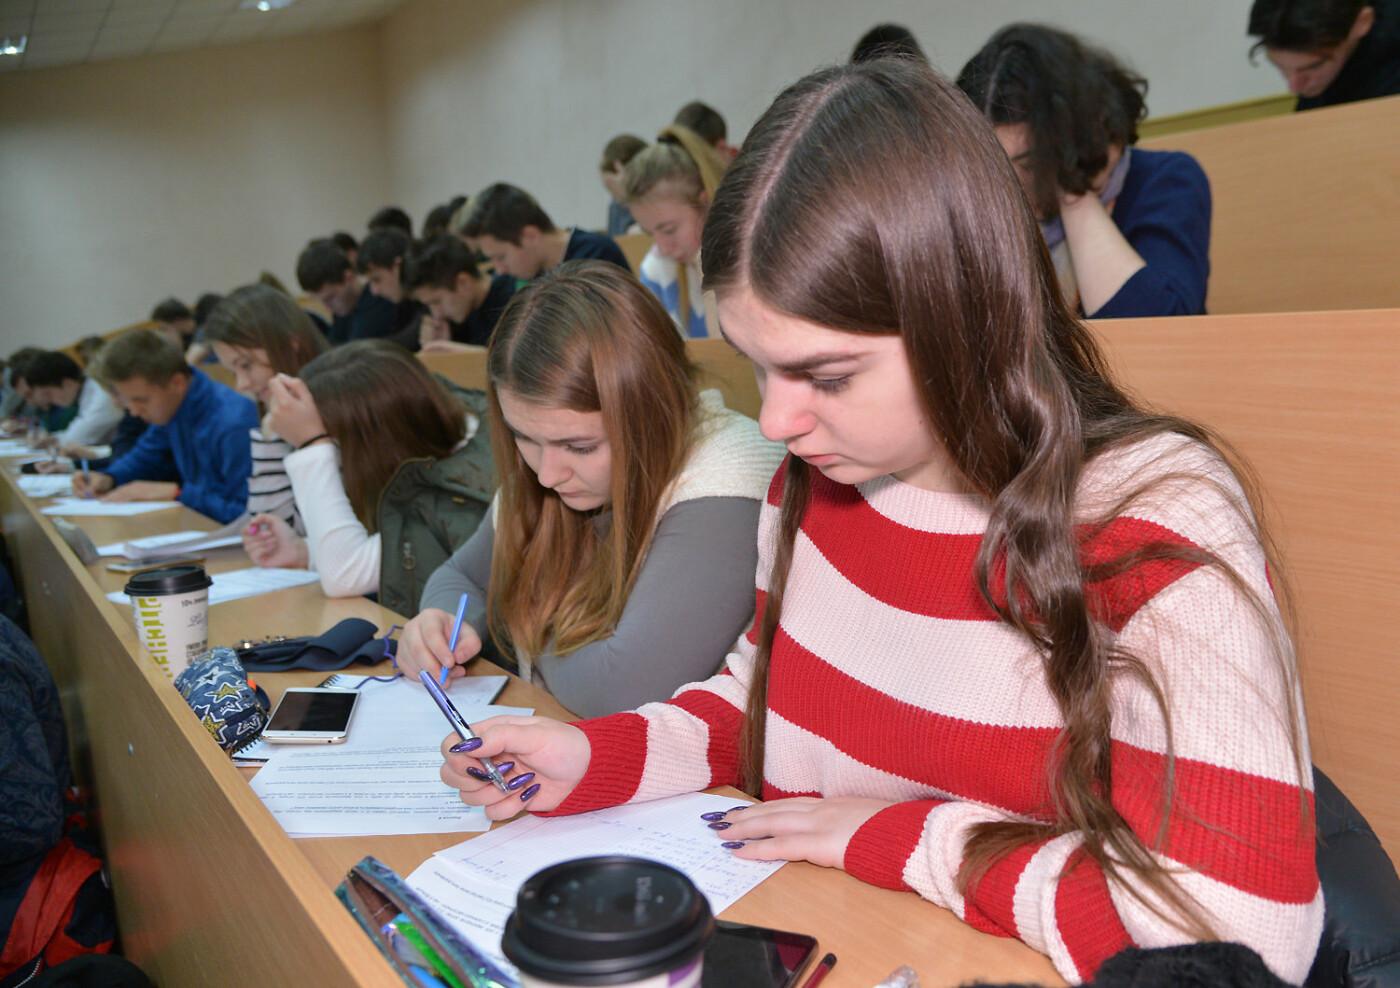 Харьковские студенты включились в борьбу за поездку в Лондон в рамках конкурса «Авиатор 2020» , фото-1